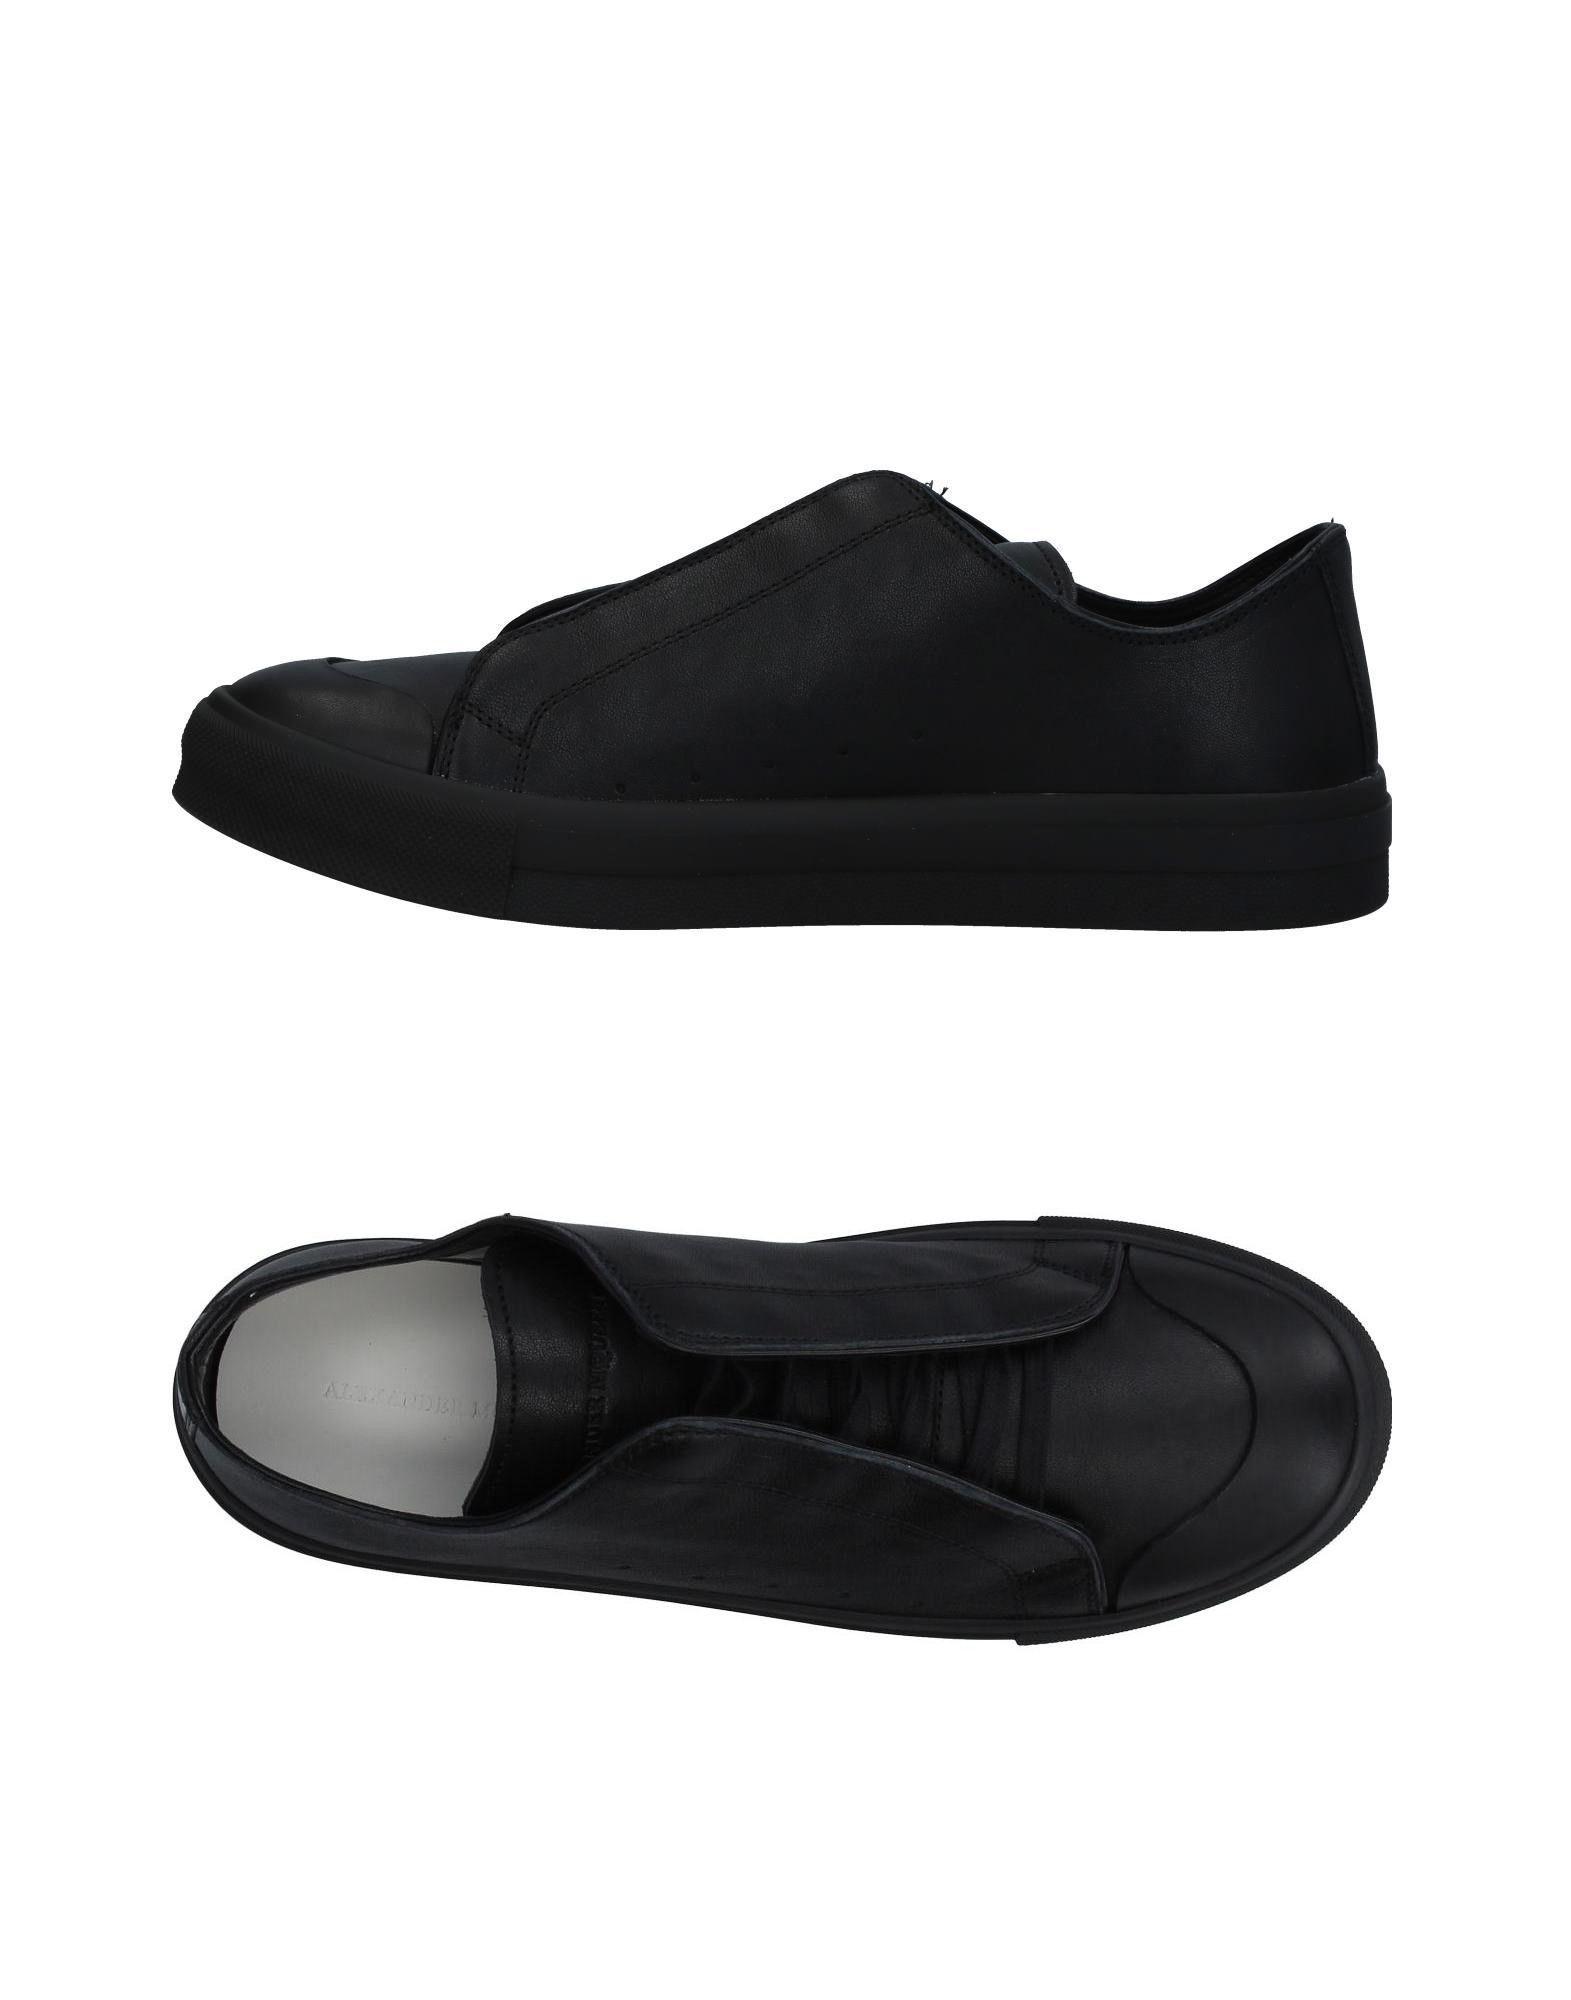 Alexander Mcqueen Sneakers Herren  11404268SH Gute Qualität beliebte Schuhe